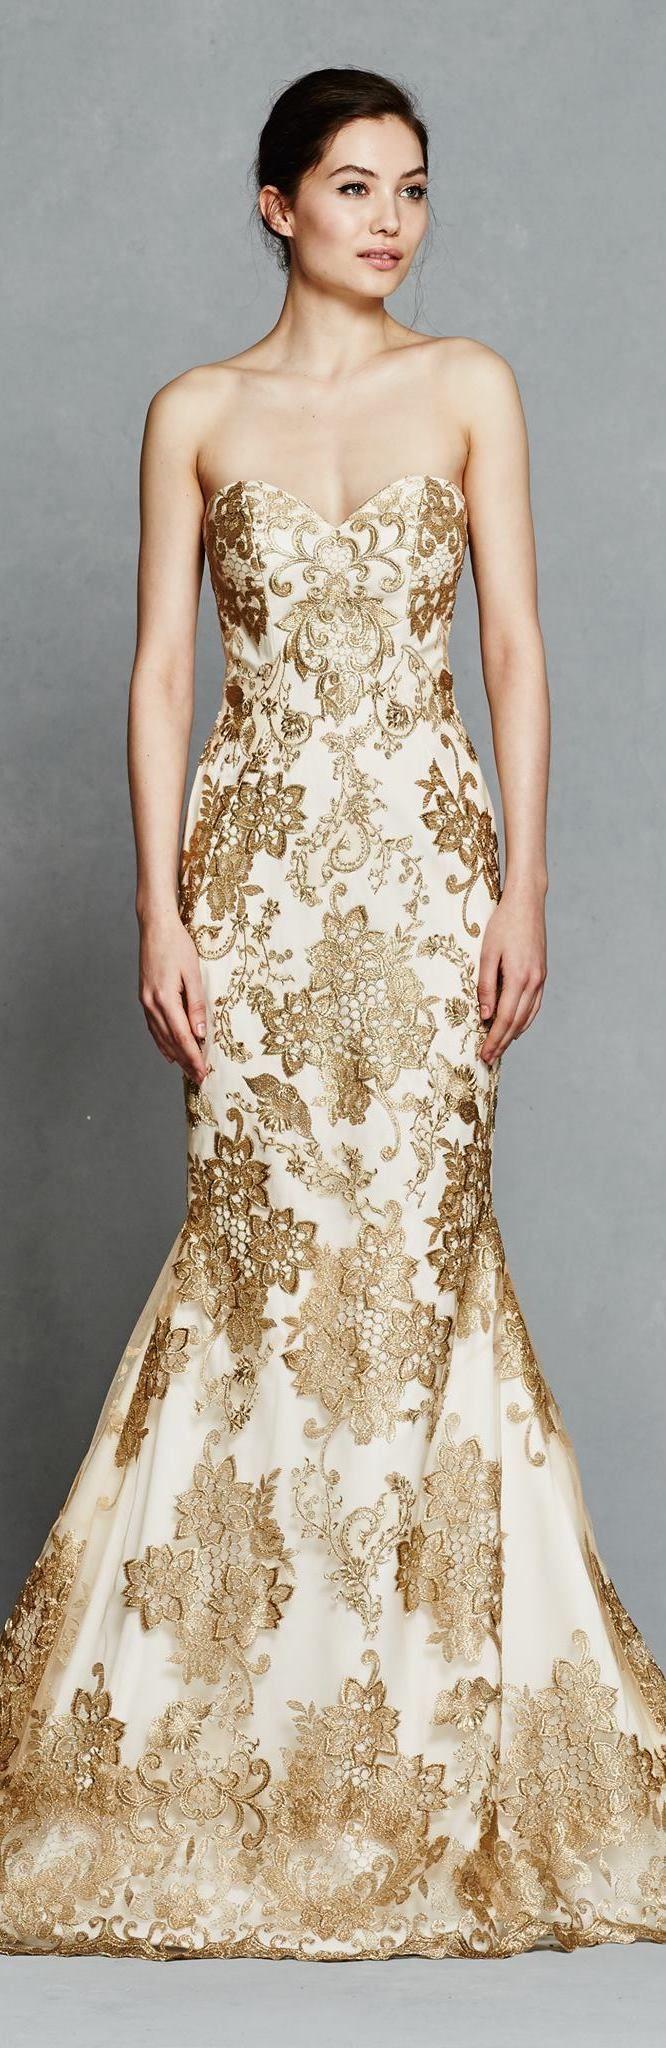 Gold Wedding Dress by Kelly Faetanini Spring 2017